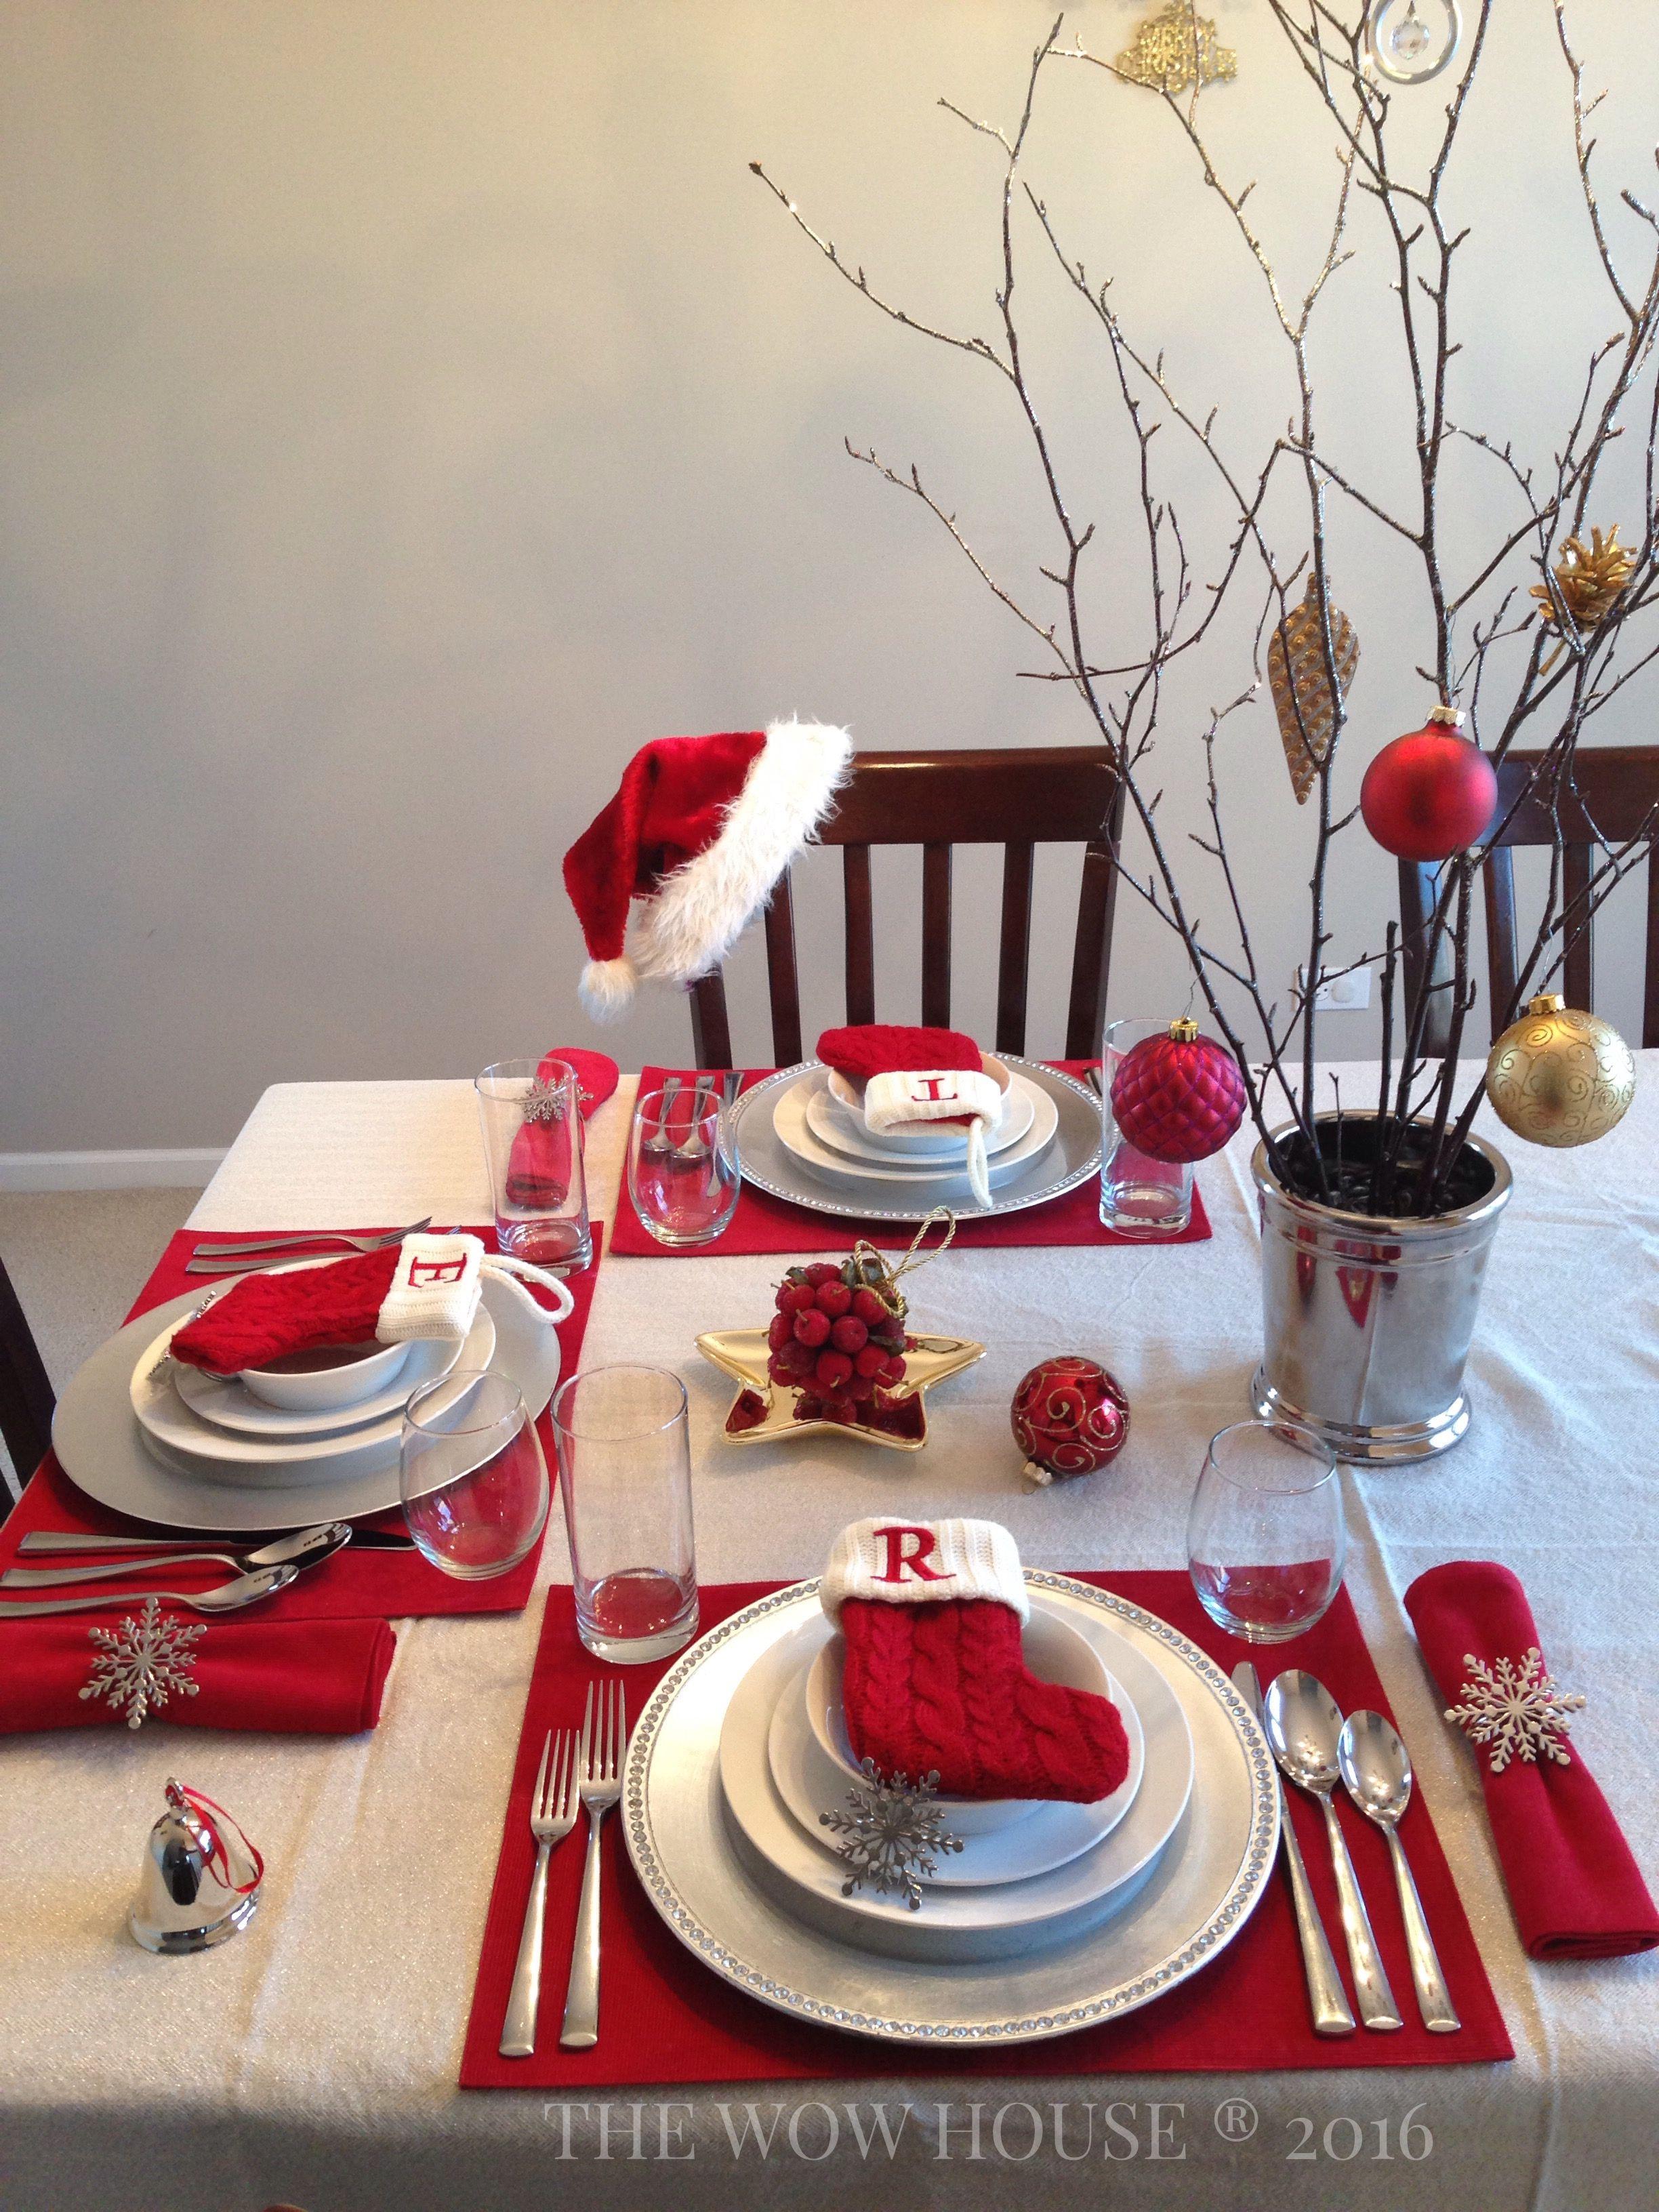 My TRADITIONAL Christmas Eve/Christmas Day table setting